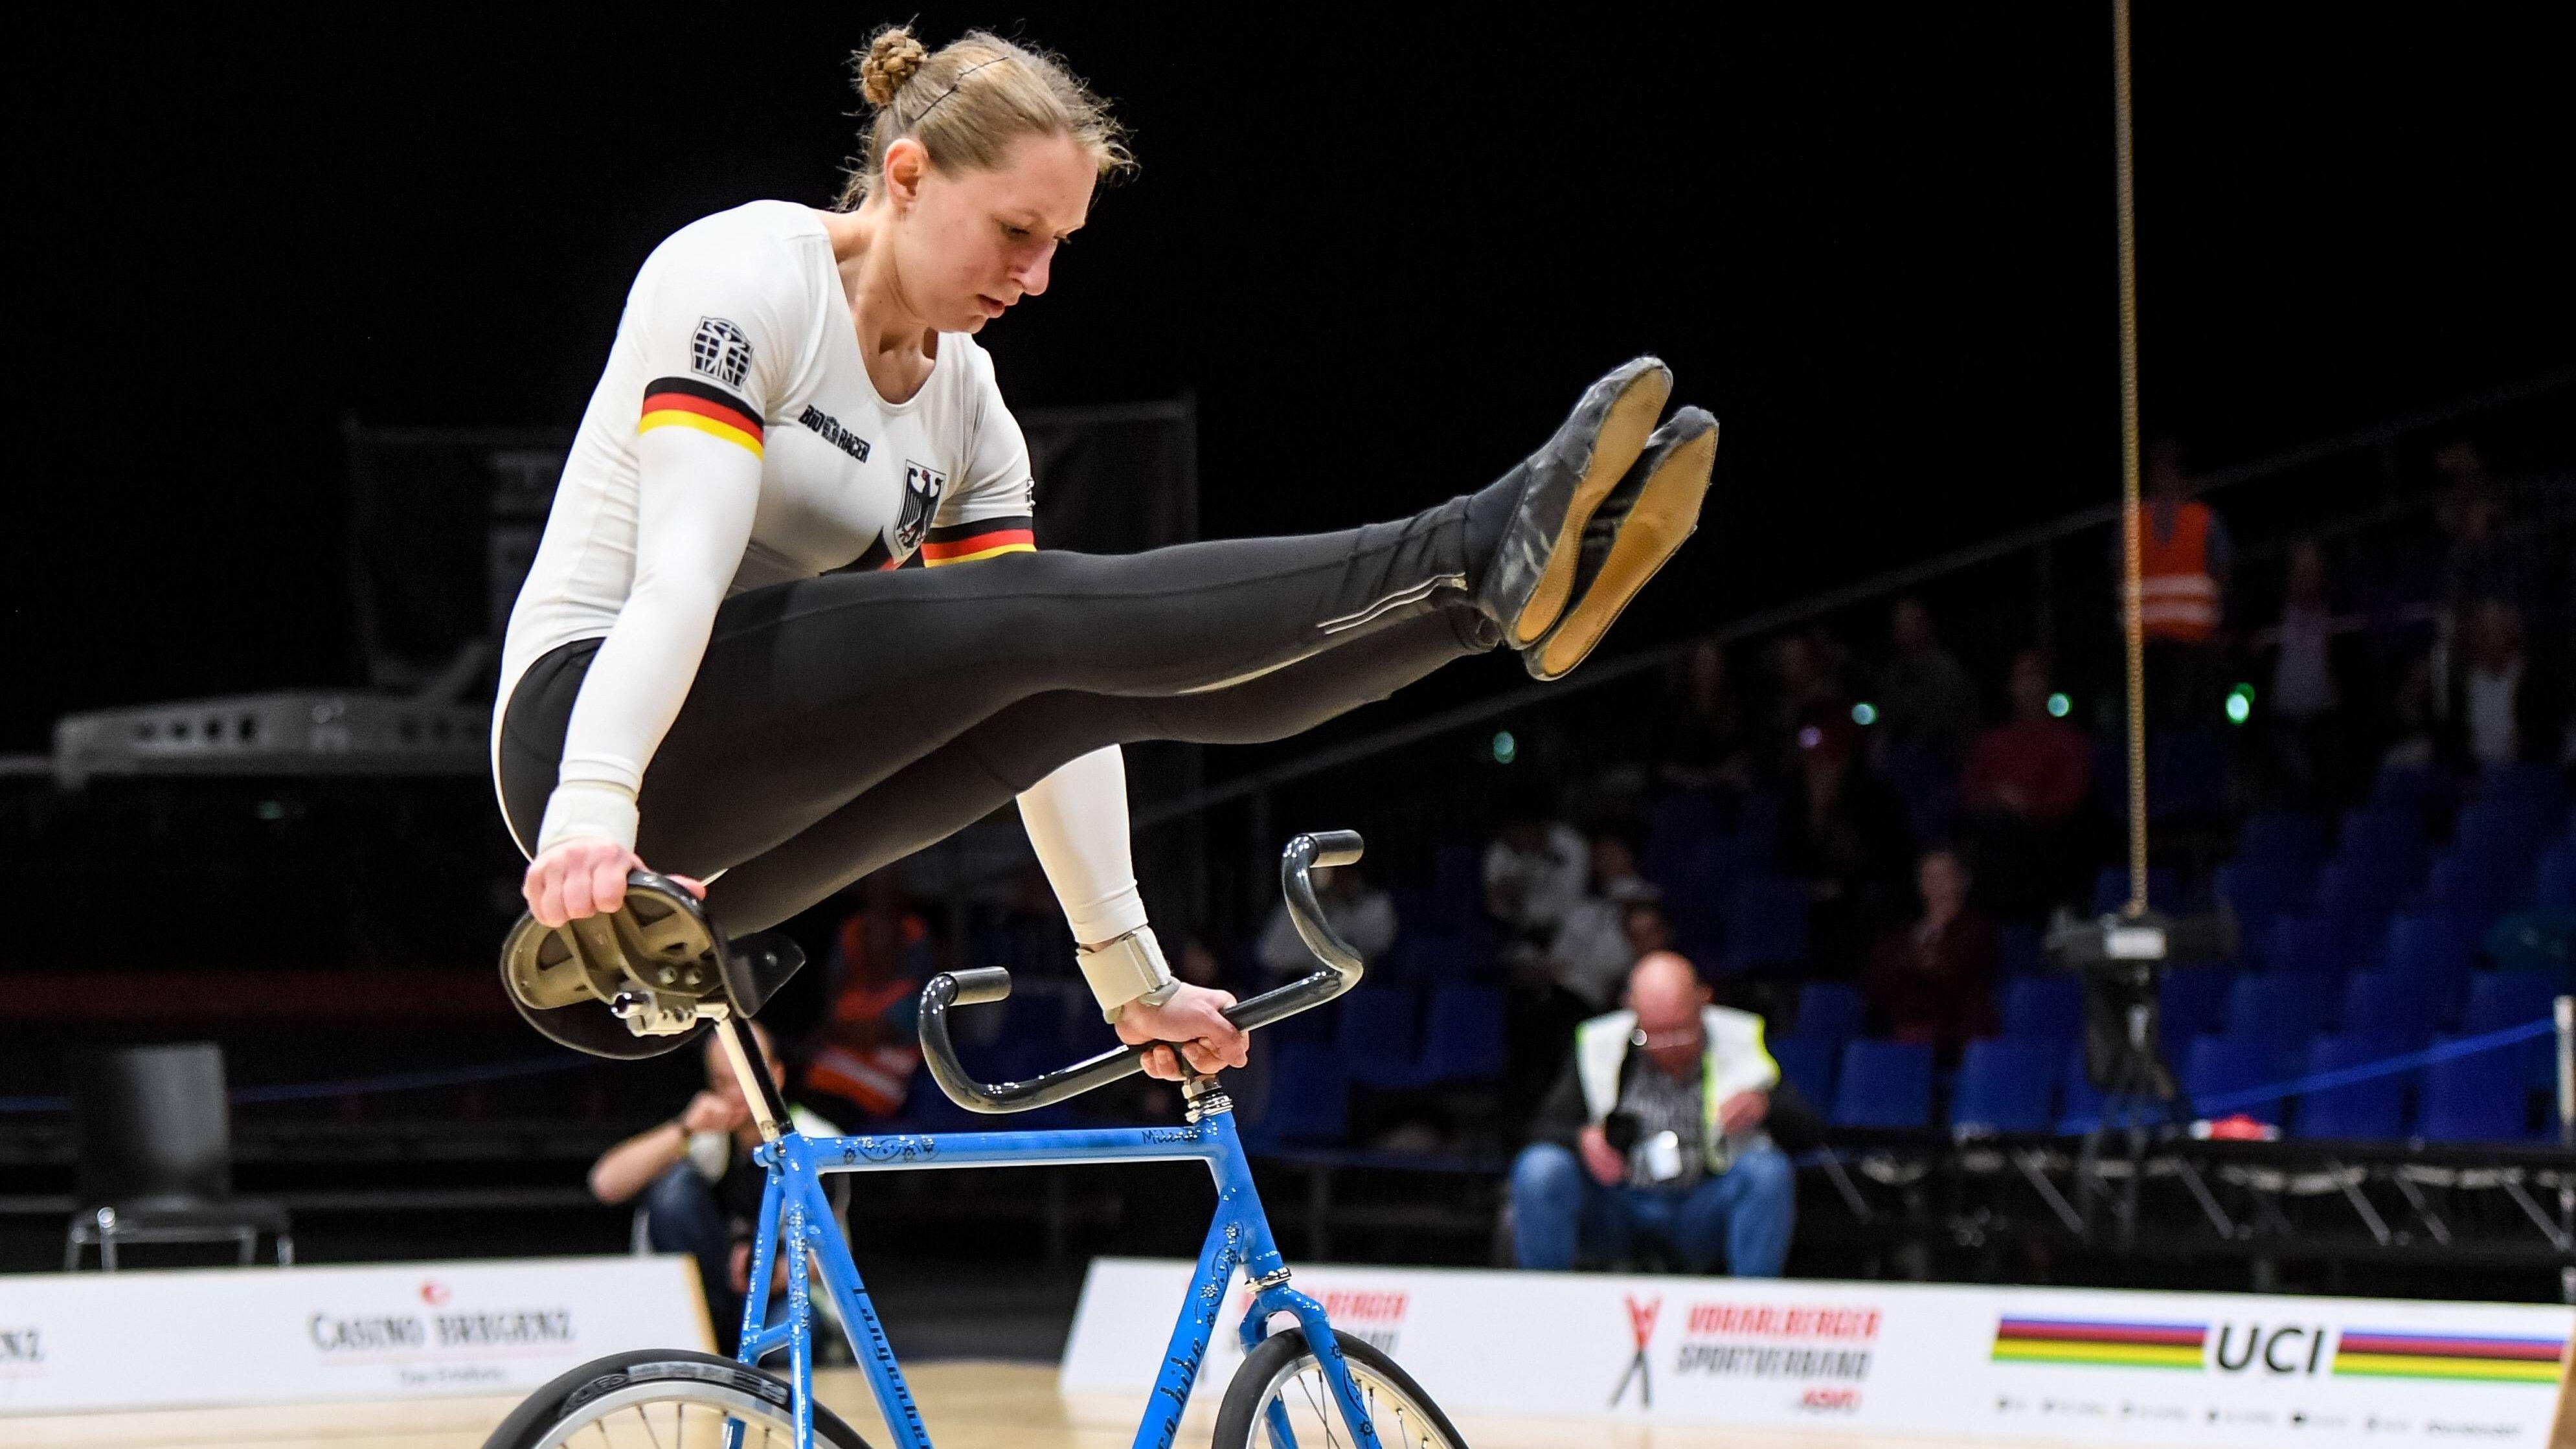 Milena Slupina im Stütz auf ihrem Rad, die Beine vorgestreckt